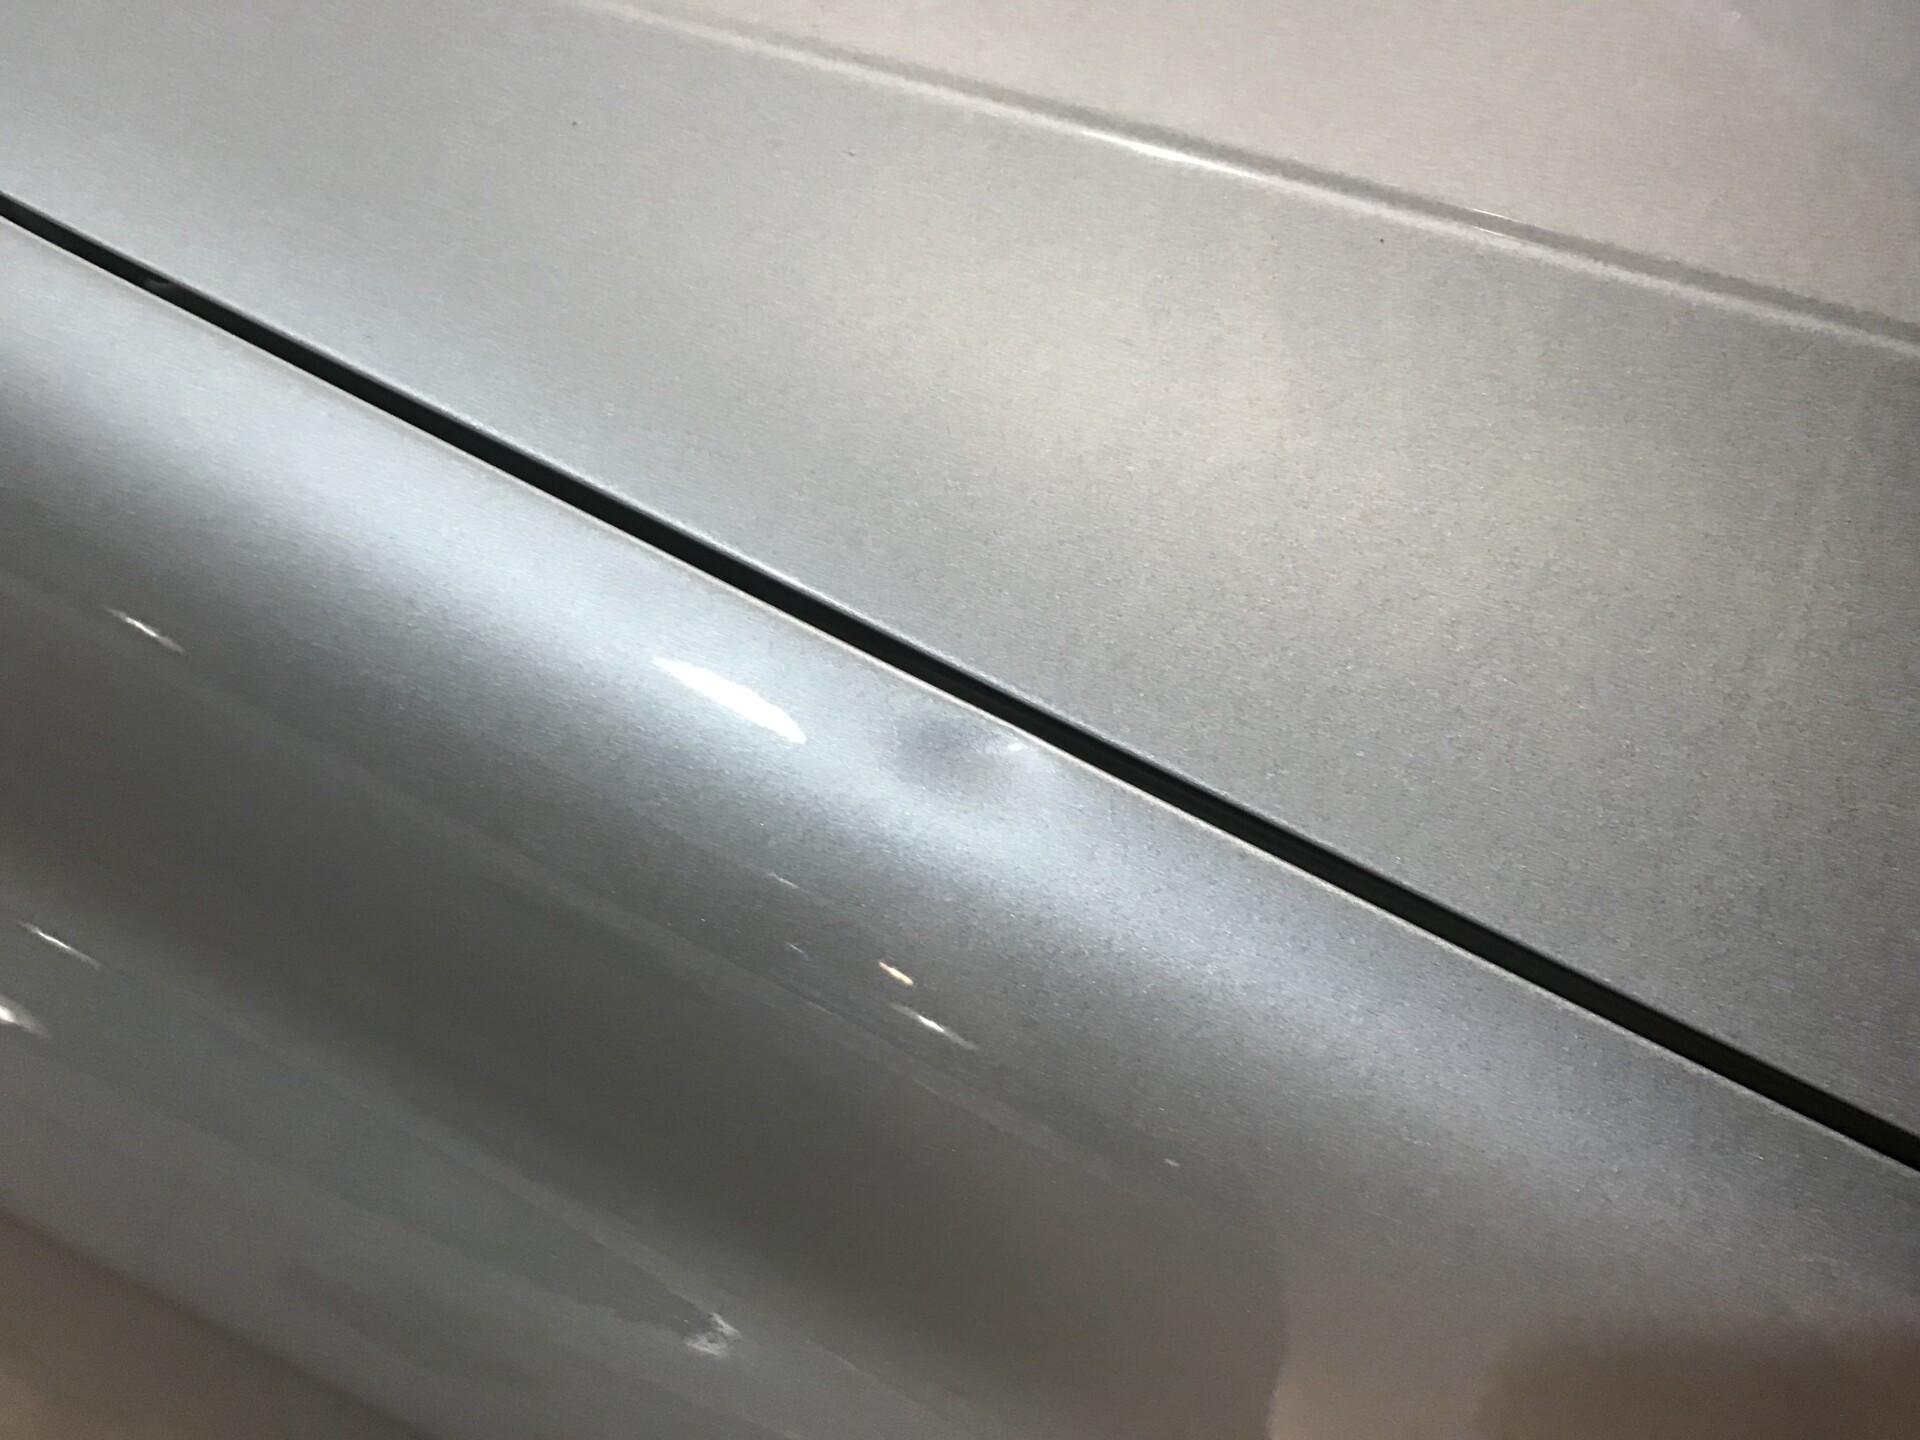 Bilens buler bliver noteret ned